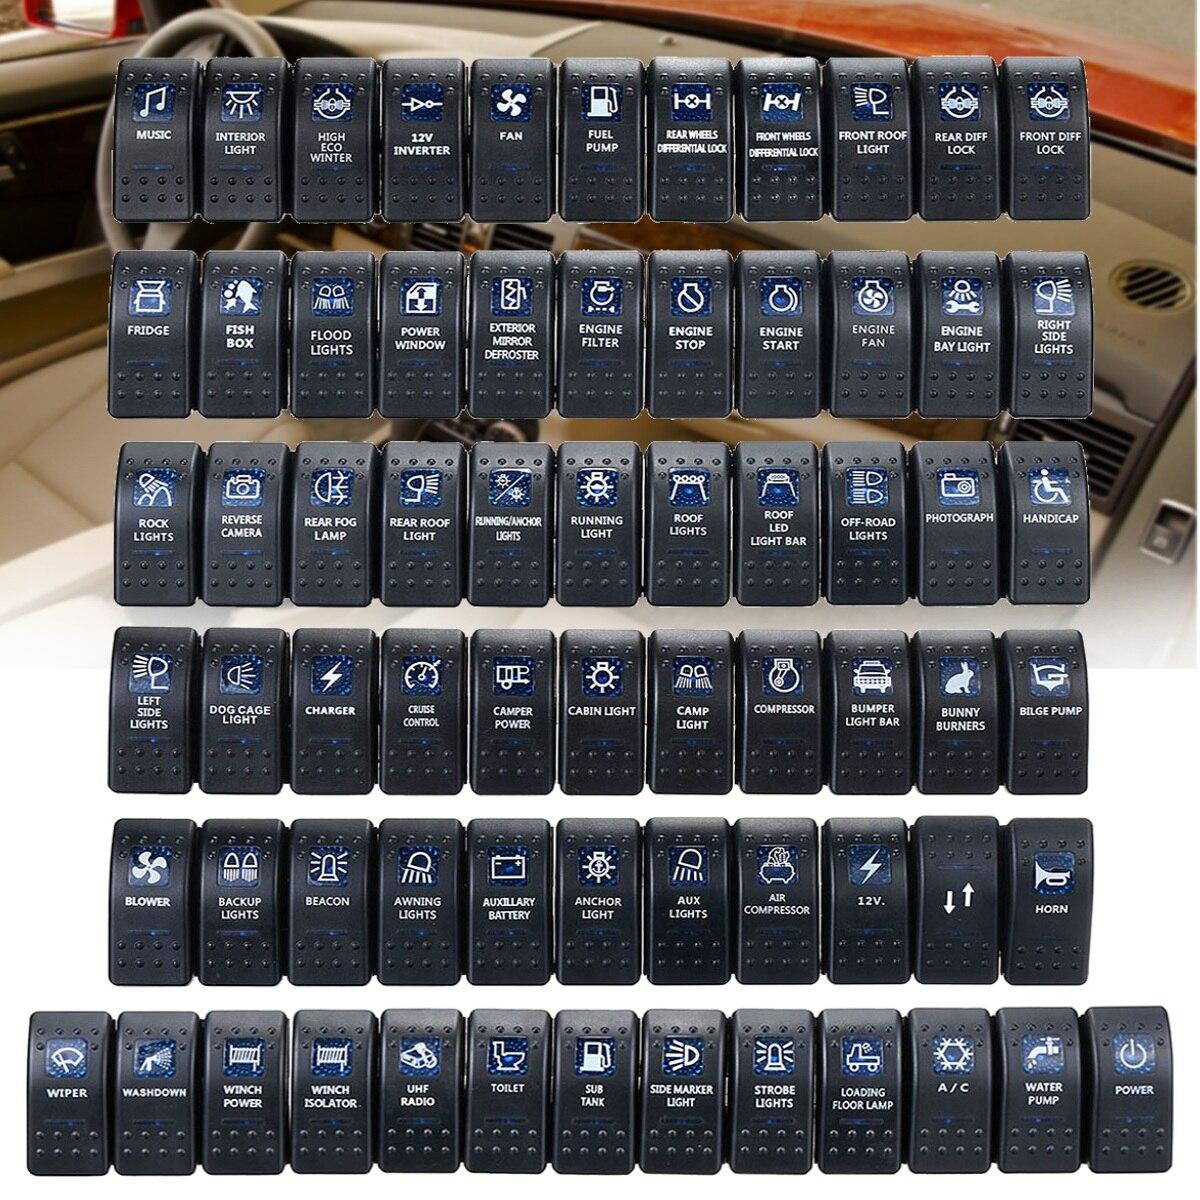 1pcs 12V 24V 자동차 보트 캐러밴 로커 스위치 방수 로커 스위치 듀얼 블루 LED 라이트 바 4x4 유니버설